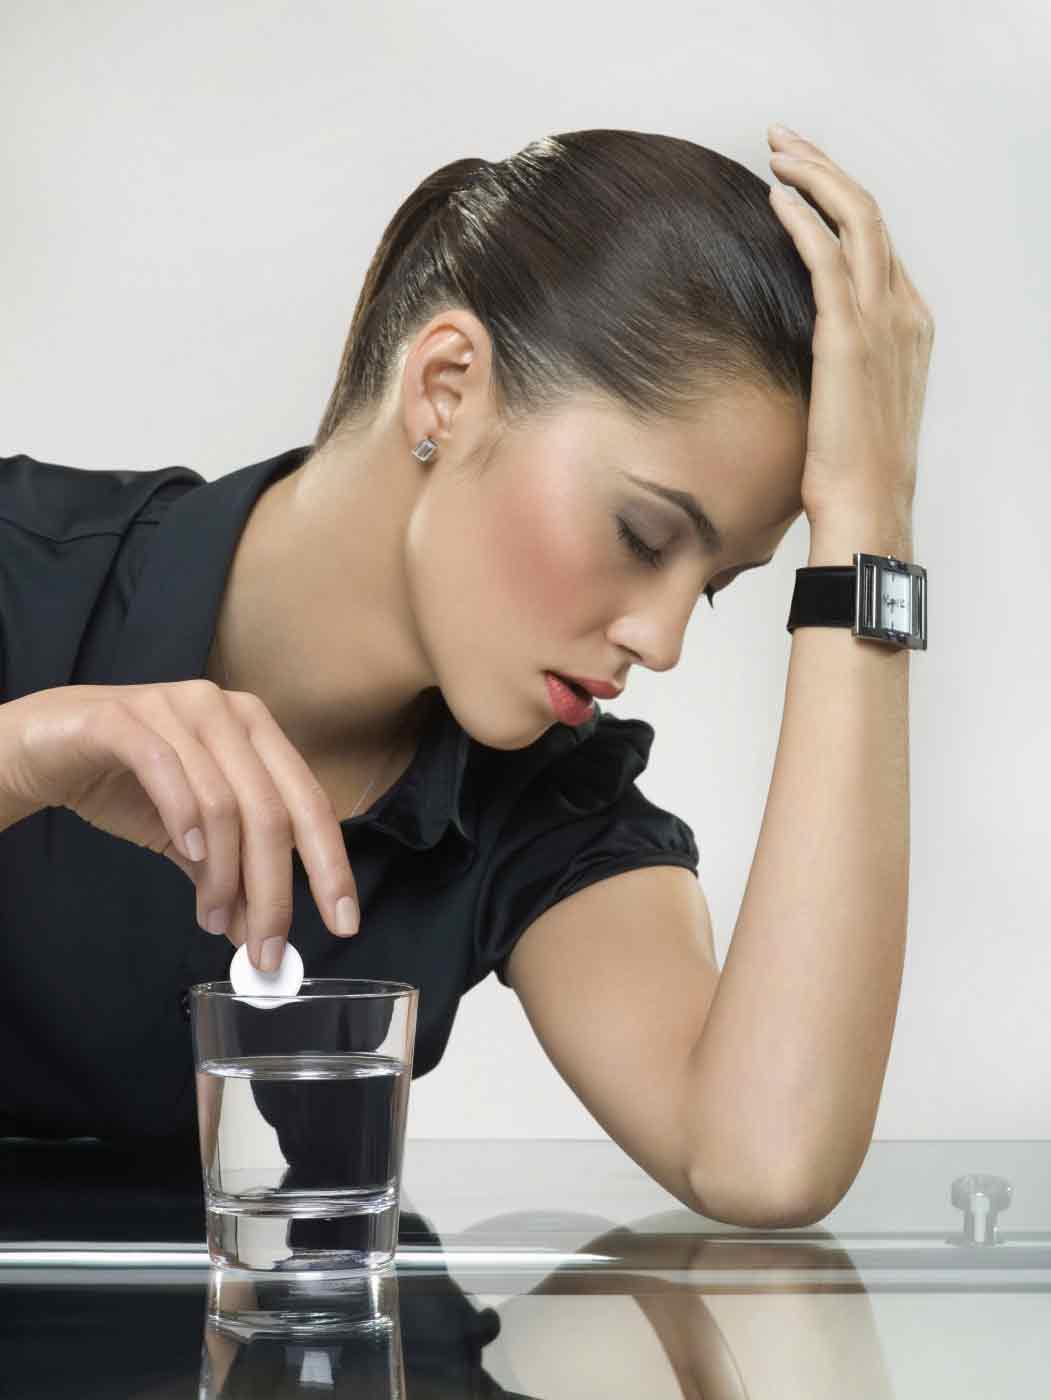 Лечение алкоголизма в Каргате: приходите, если устали от пьянства